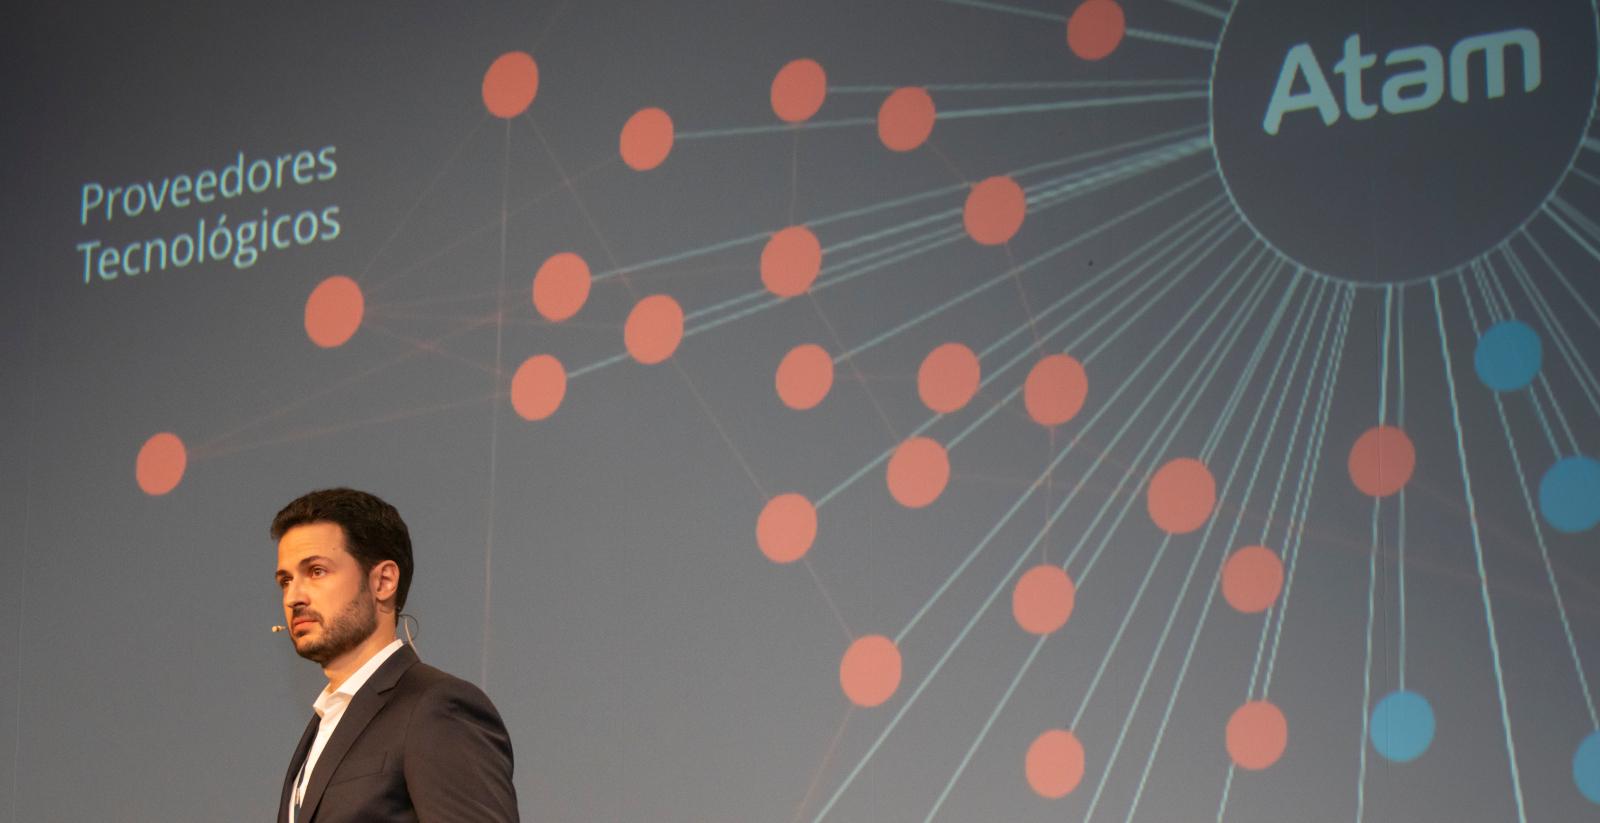 Las redes neuronales nos desvelan un nuevo enfoque de la salud